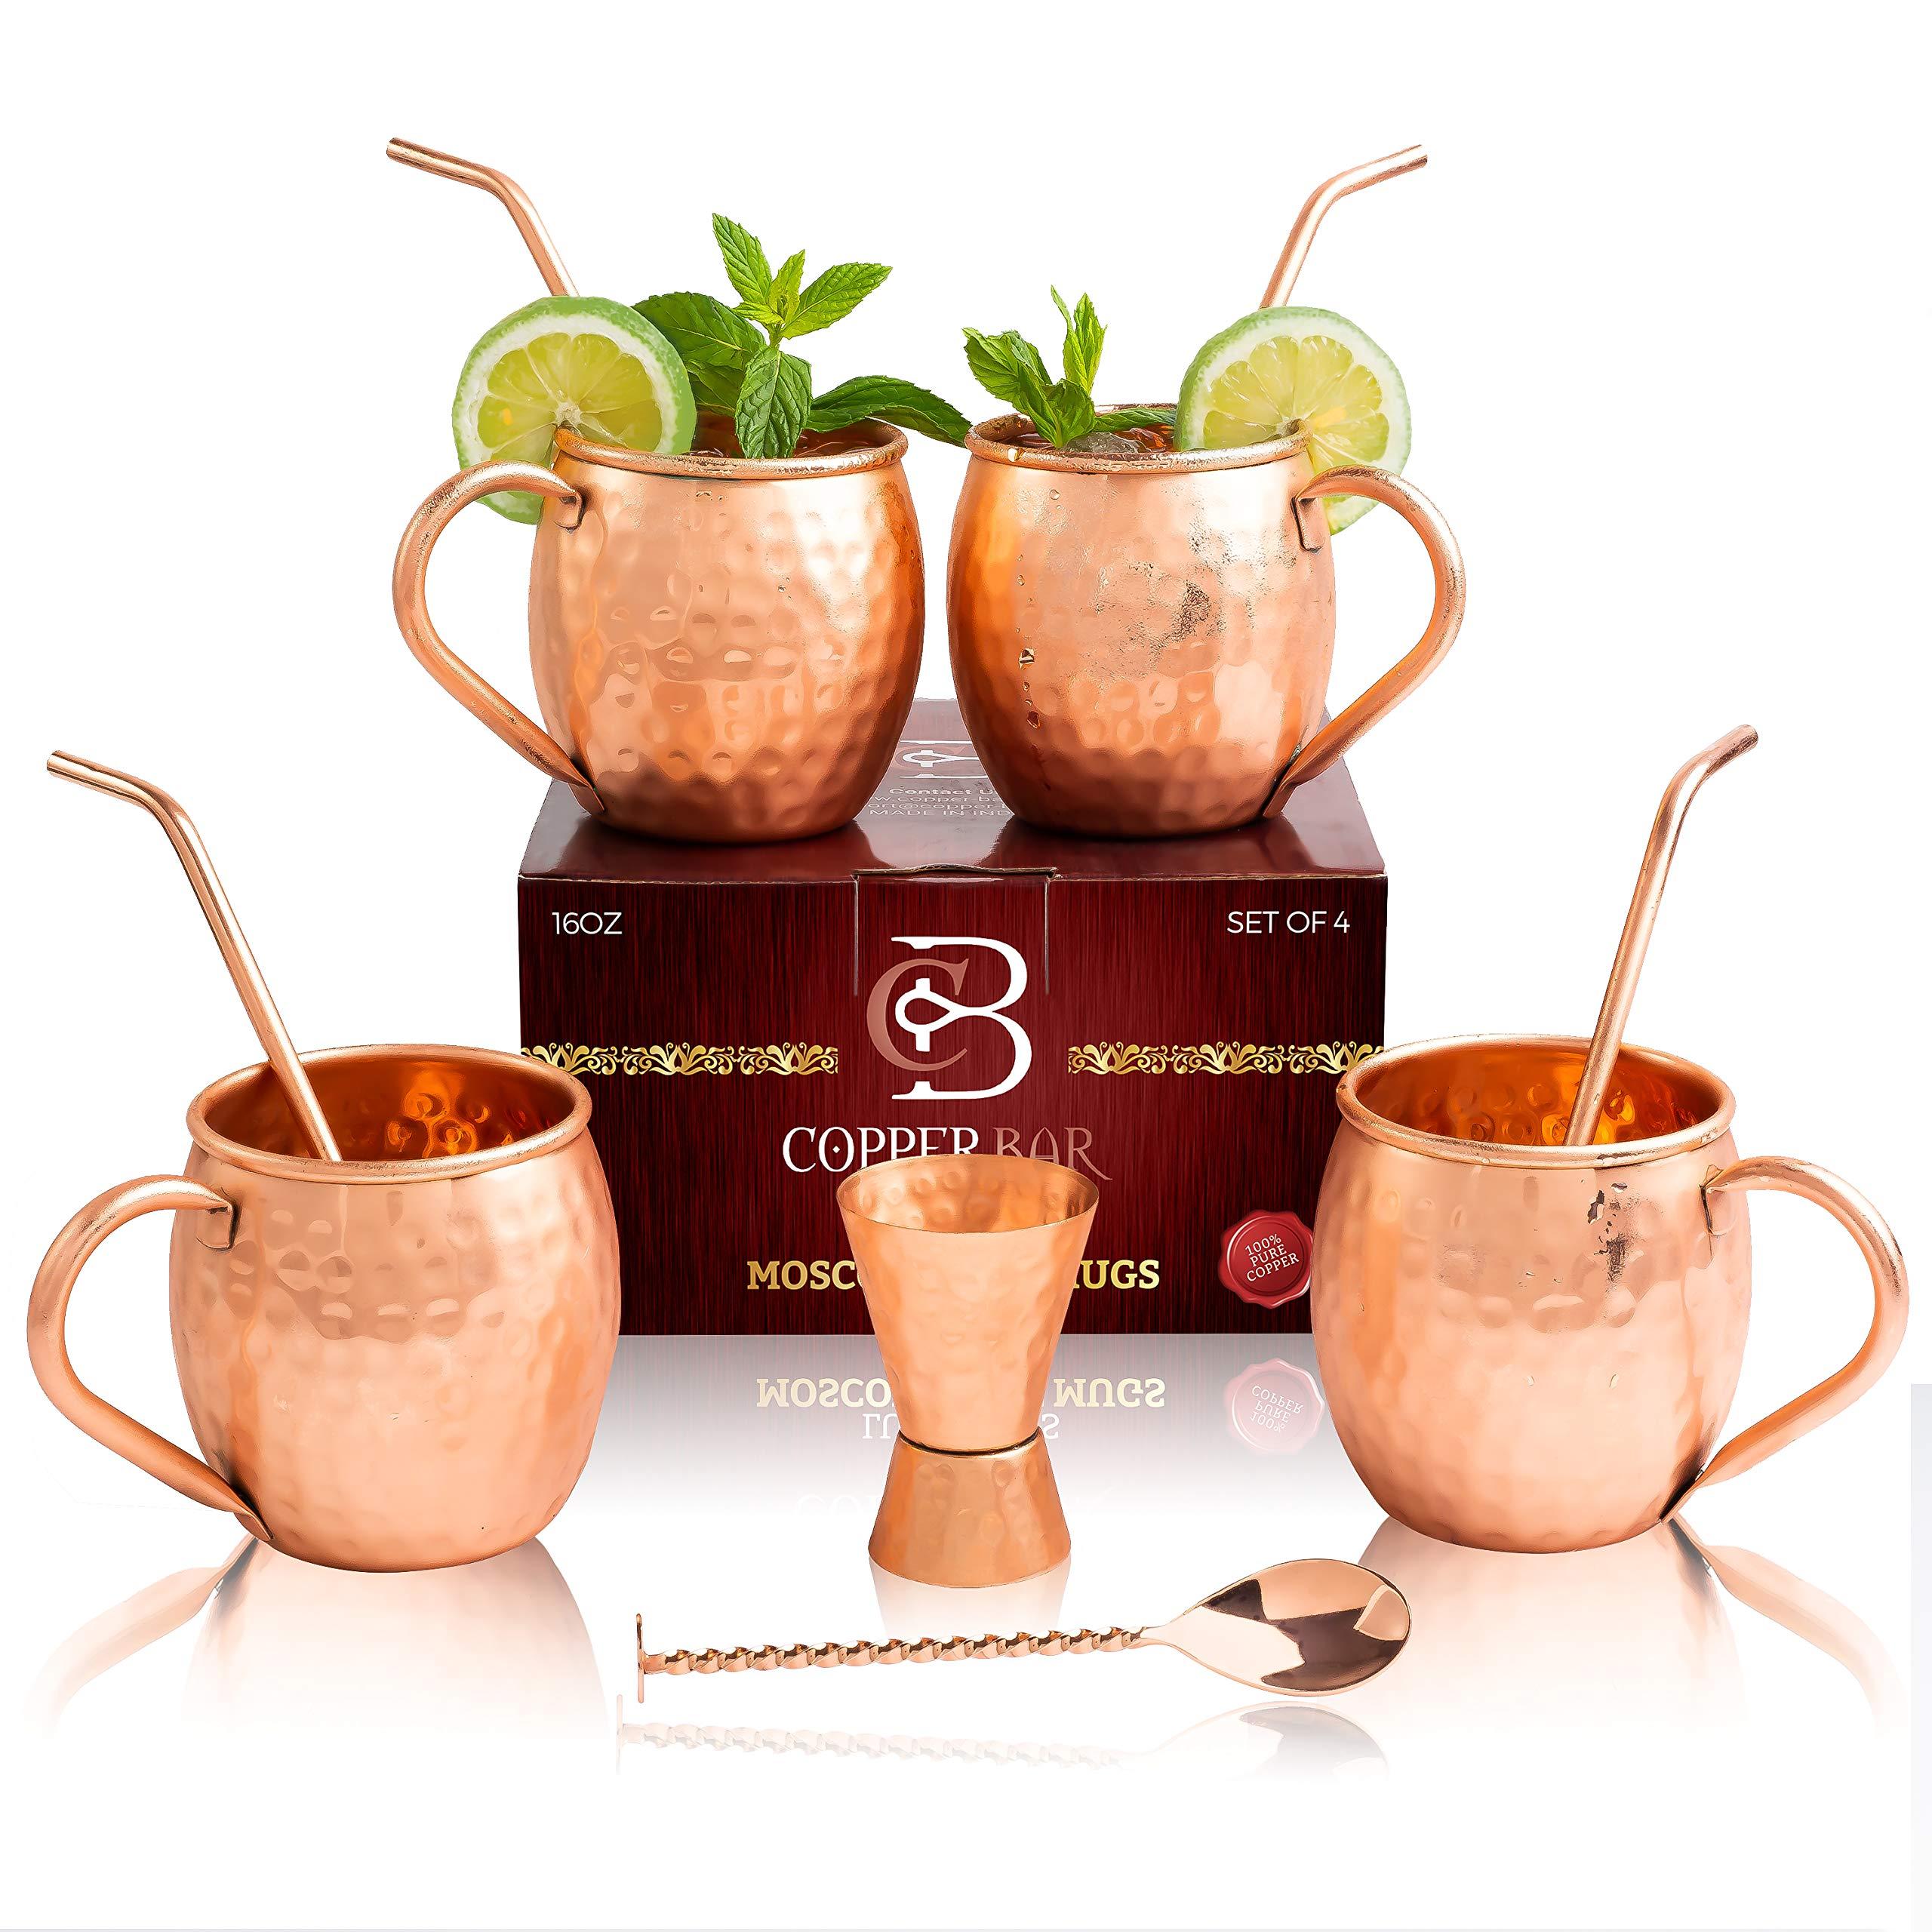 Moscow-Mule-Kupfertassen-Set-von-4-100-handgefertigt-lebensmittelecht-reines-massives-Kupfer-Tassen-4er-Set-mit-4-hochwertigen-Cocktail-Kupferhalmen-1-Messbecher-und-1-Rhrer